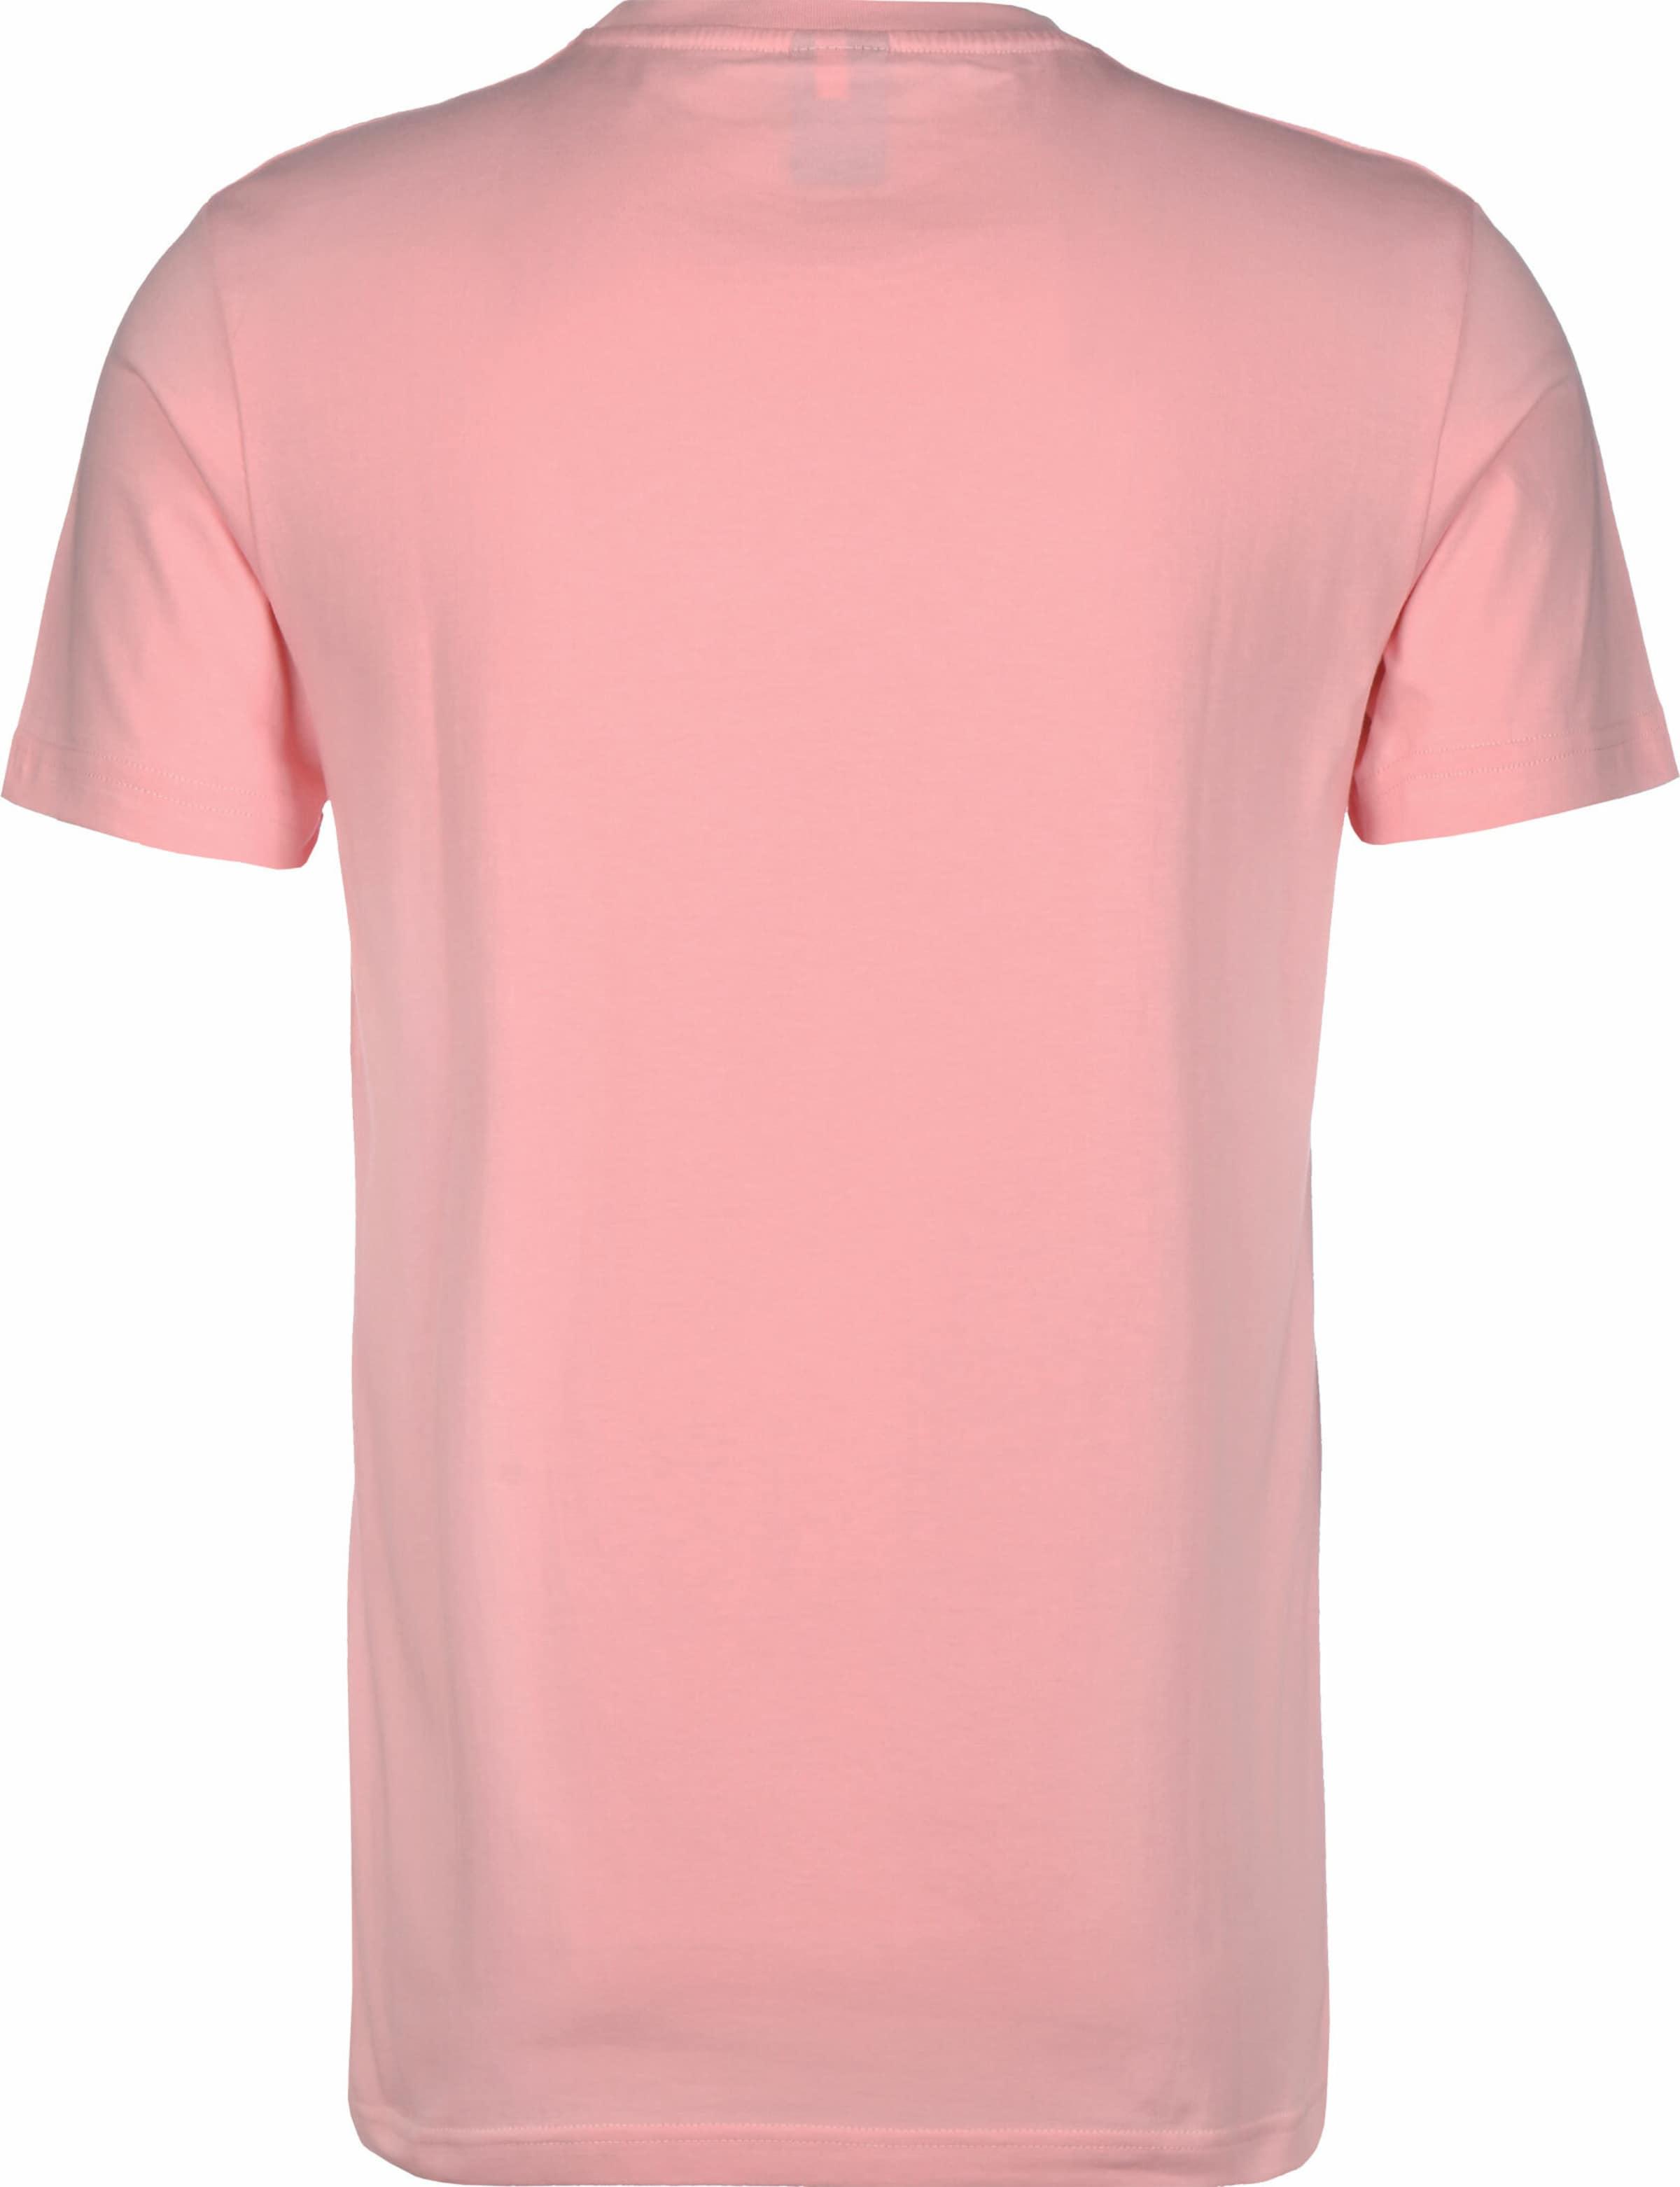 Iriedaily T-Shirt ' Out for Beach ' in pink Motivprint KT23606021